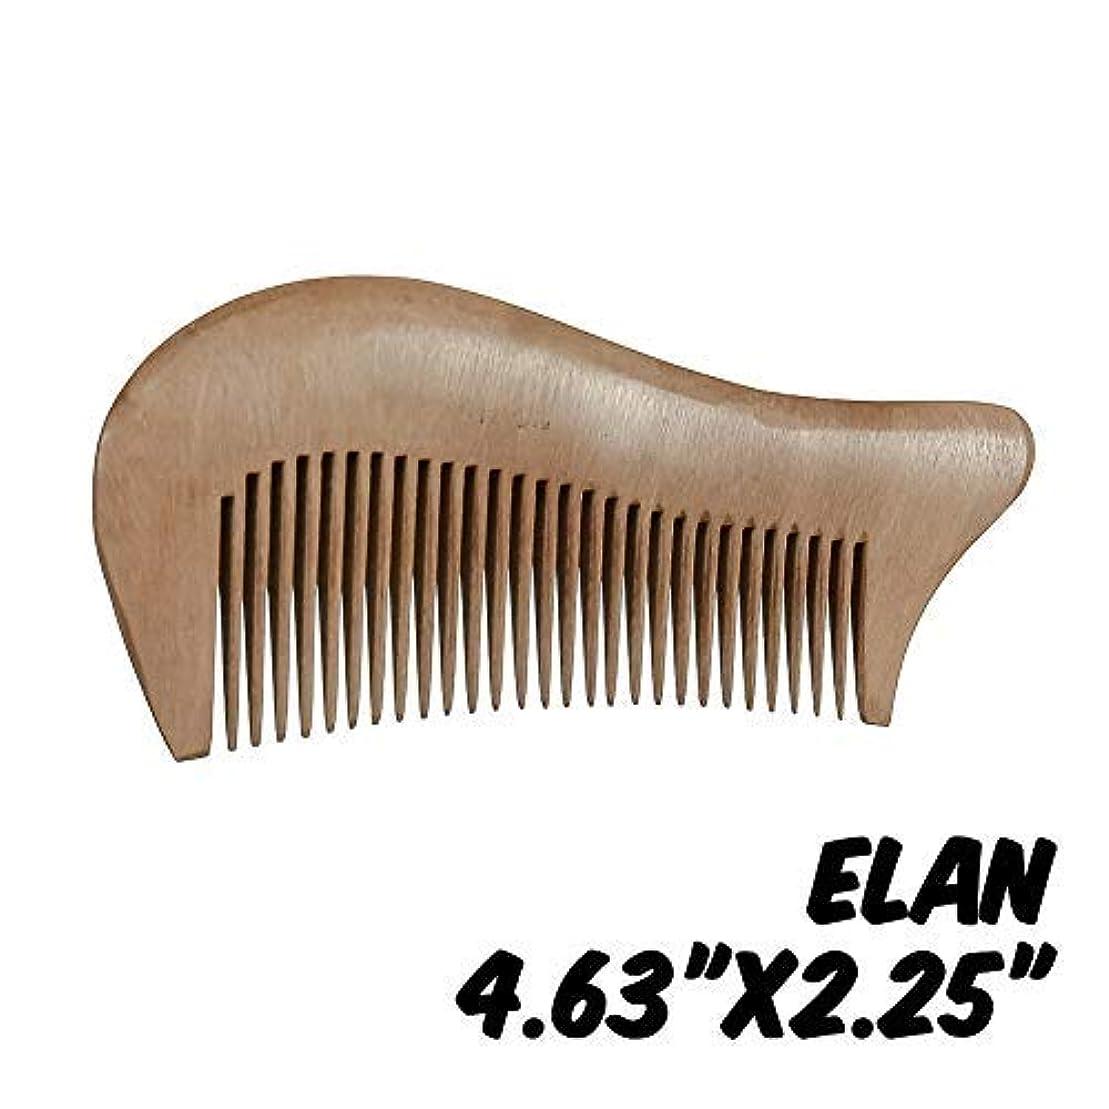 おもてなし似ているパイMarkin Arts Elan Series Handmade Natural Organic Indian Lilac Wood Anti-Static Hypoallergenic Pocket Handle Dry Comb Healthy Shiny Hair Beard Bristle Stubble Styling Grooming Brush 4.63